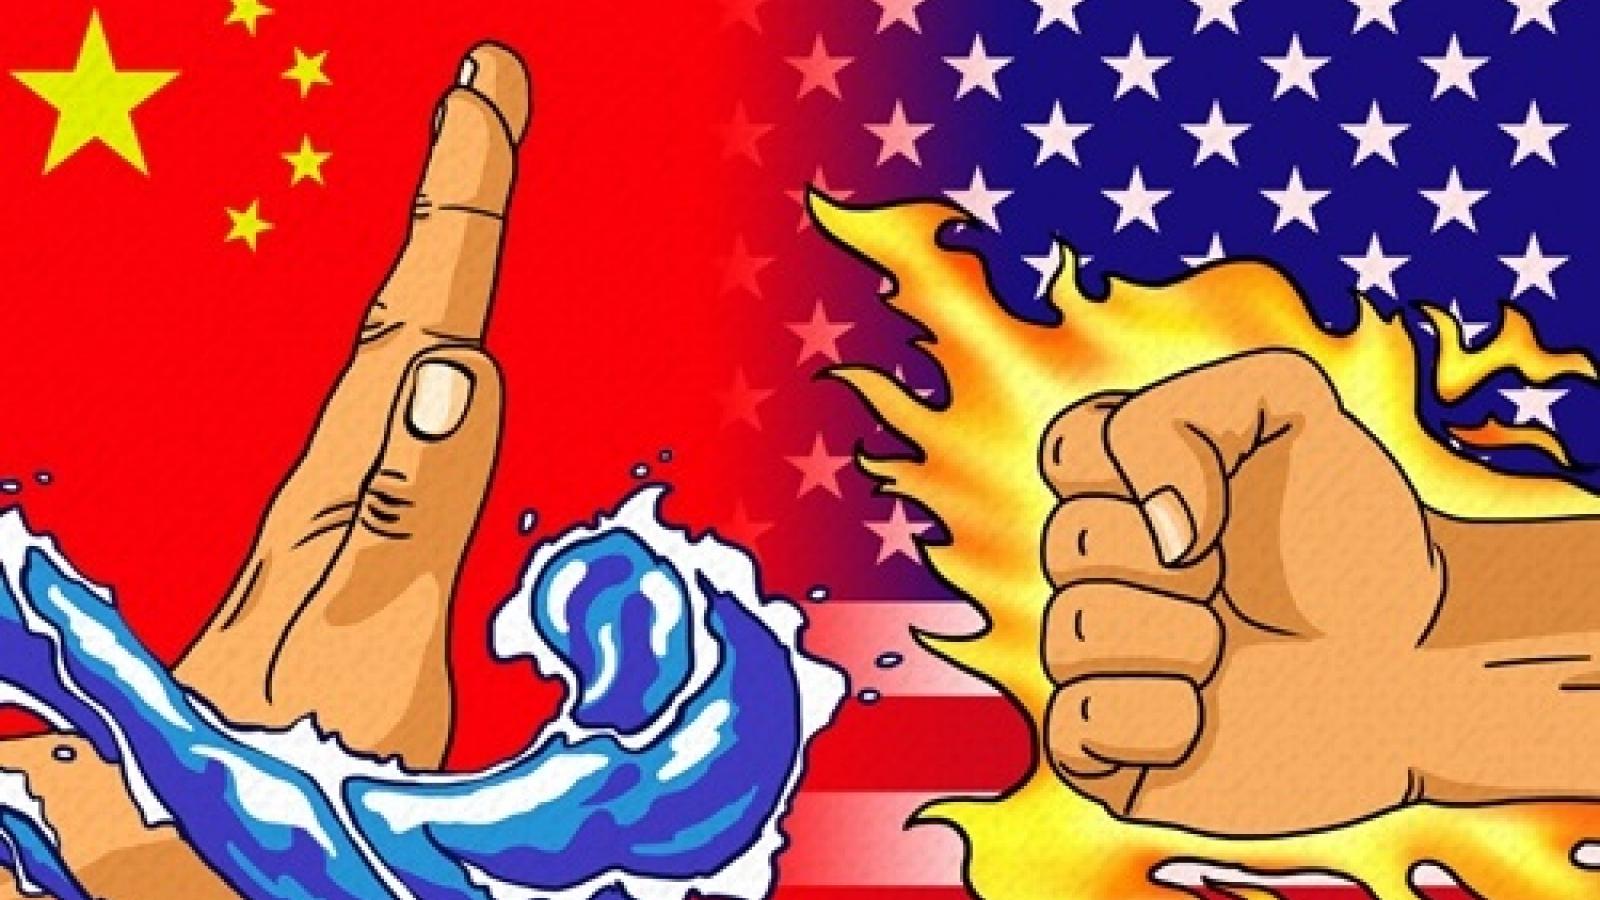 Đánh giá về Luật của Trung Quốc về chống trừng phạt của nước ngoài